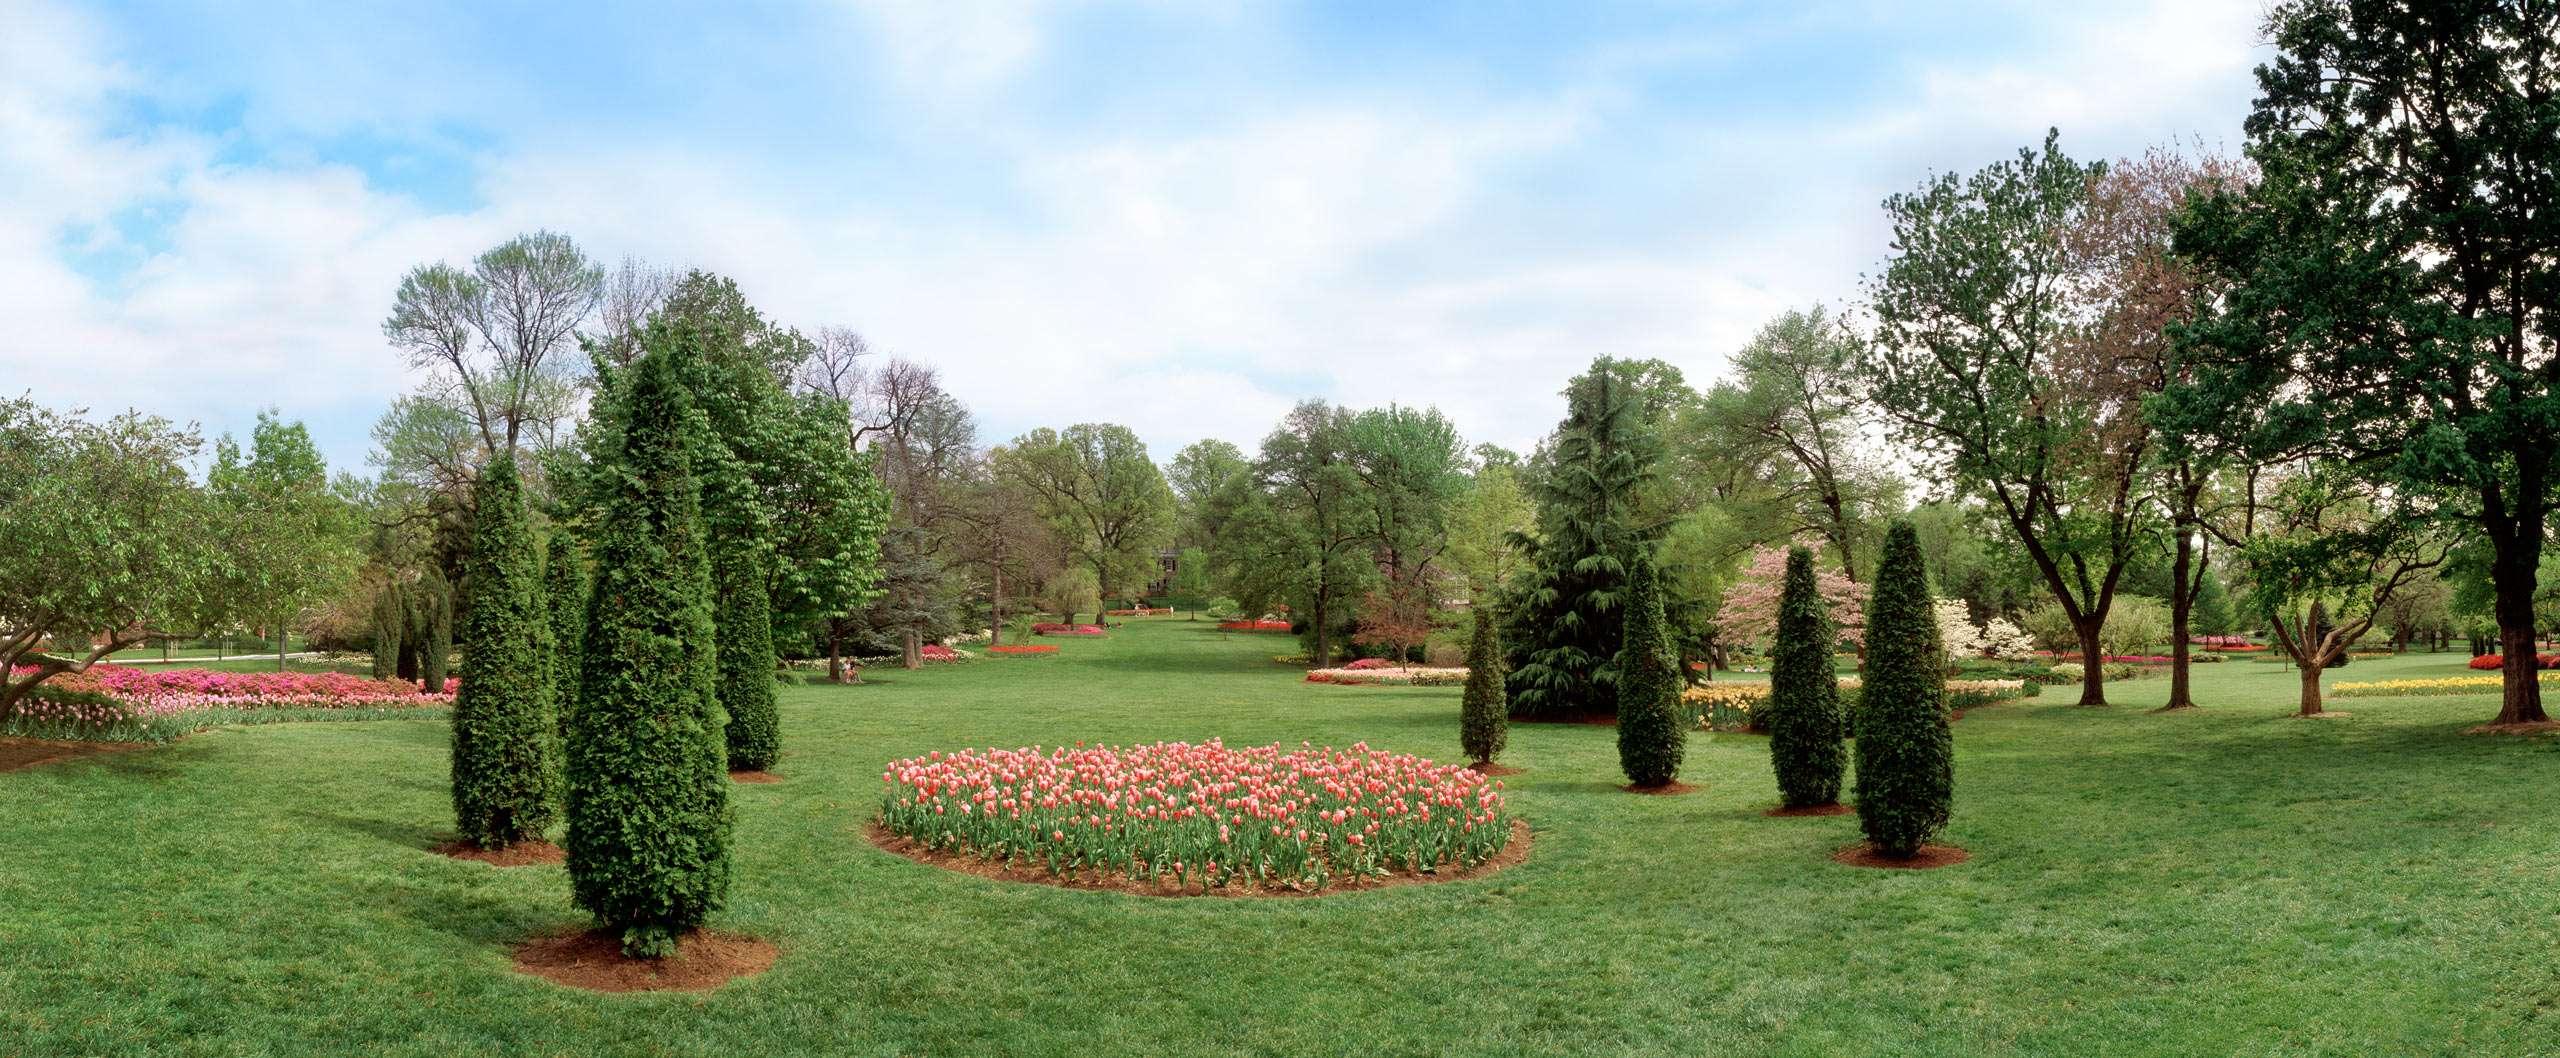 PORTFOLIO - Baltimore - Neighborhoods      #30  Formal Garden with Tulip Beds